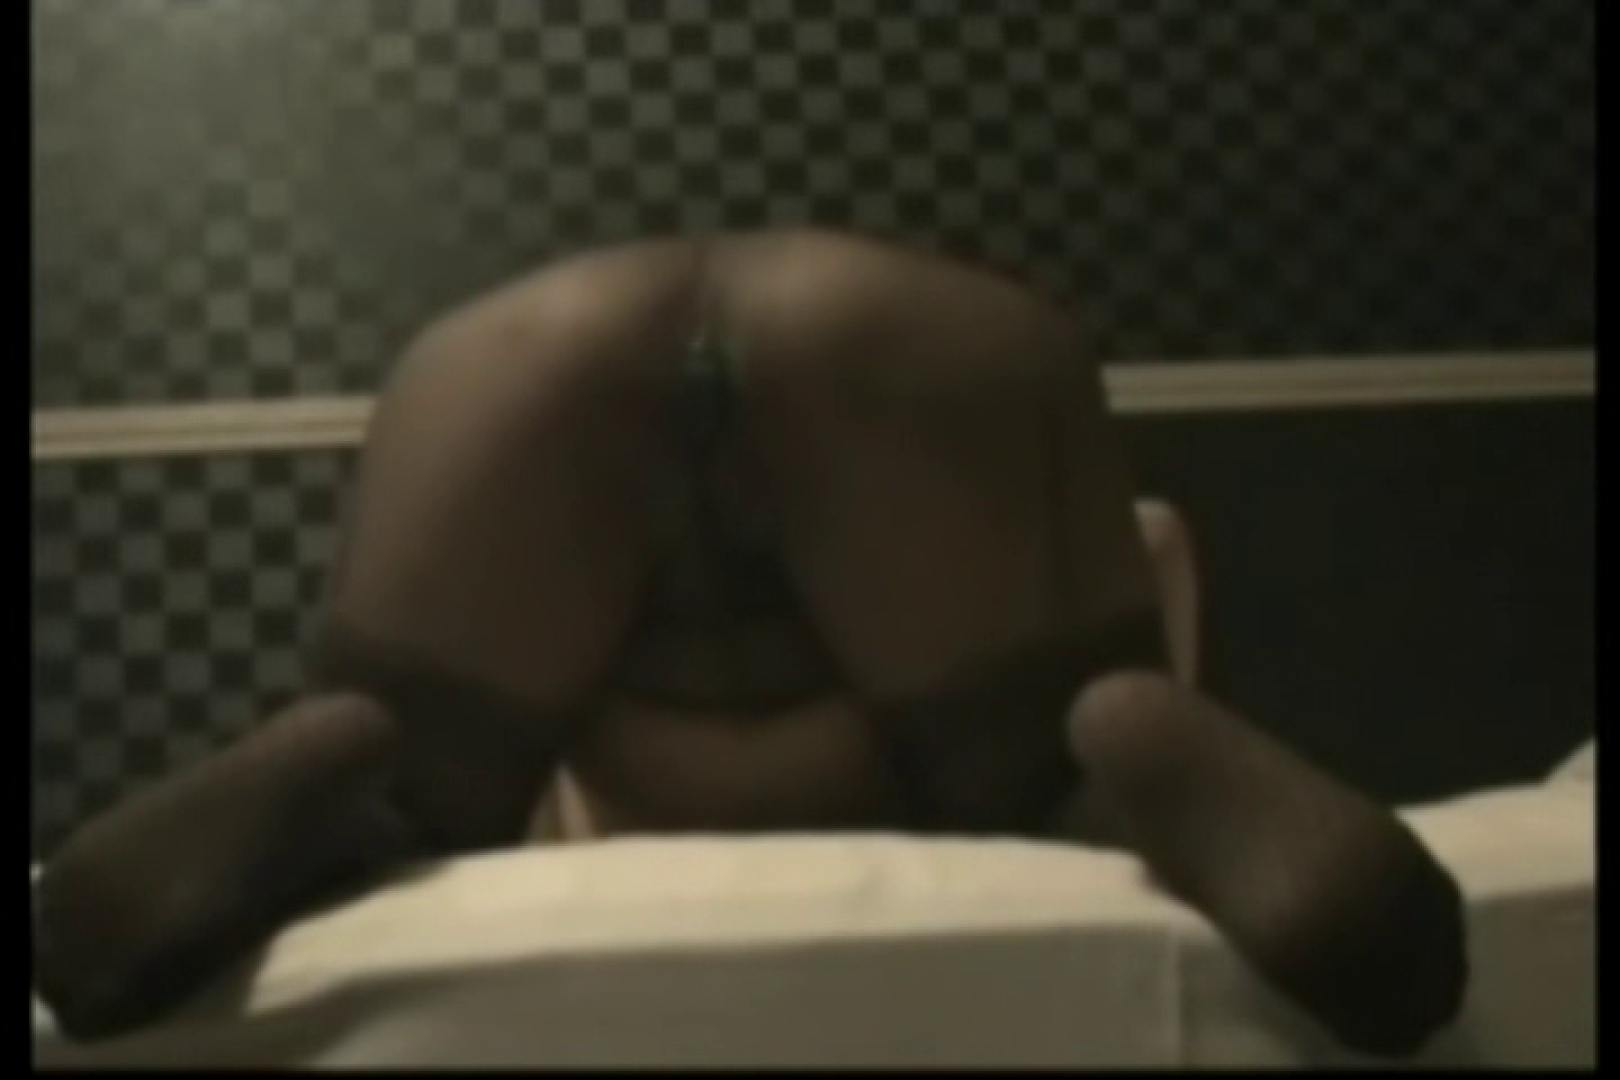 43歳熟女なセフレ 熟女の裸体 | オナニー特集  61画像 60